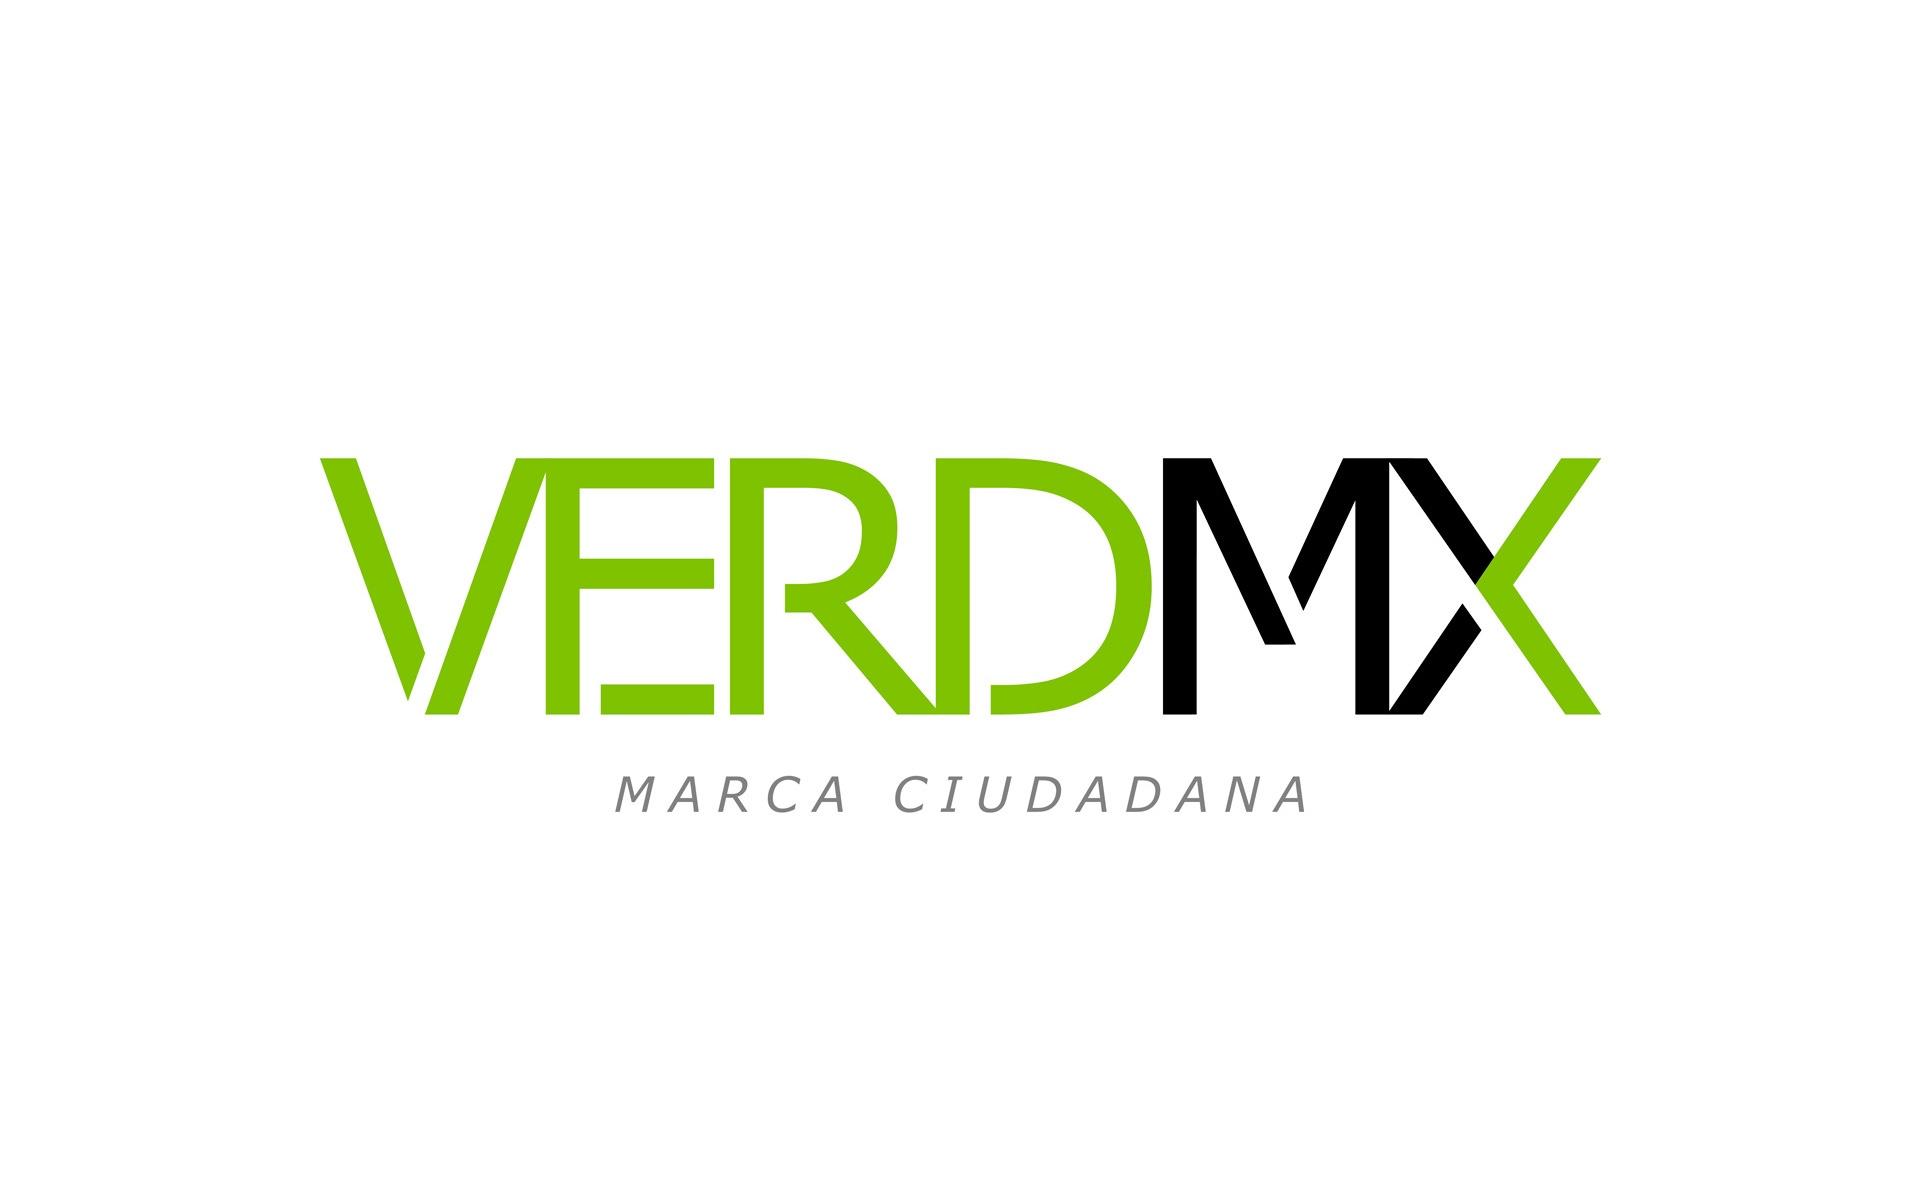 Verdmex